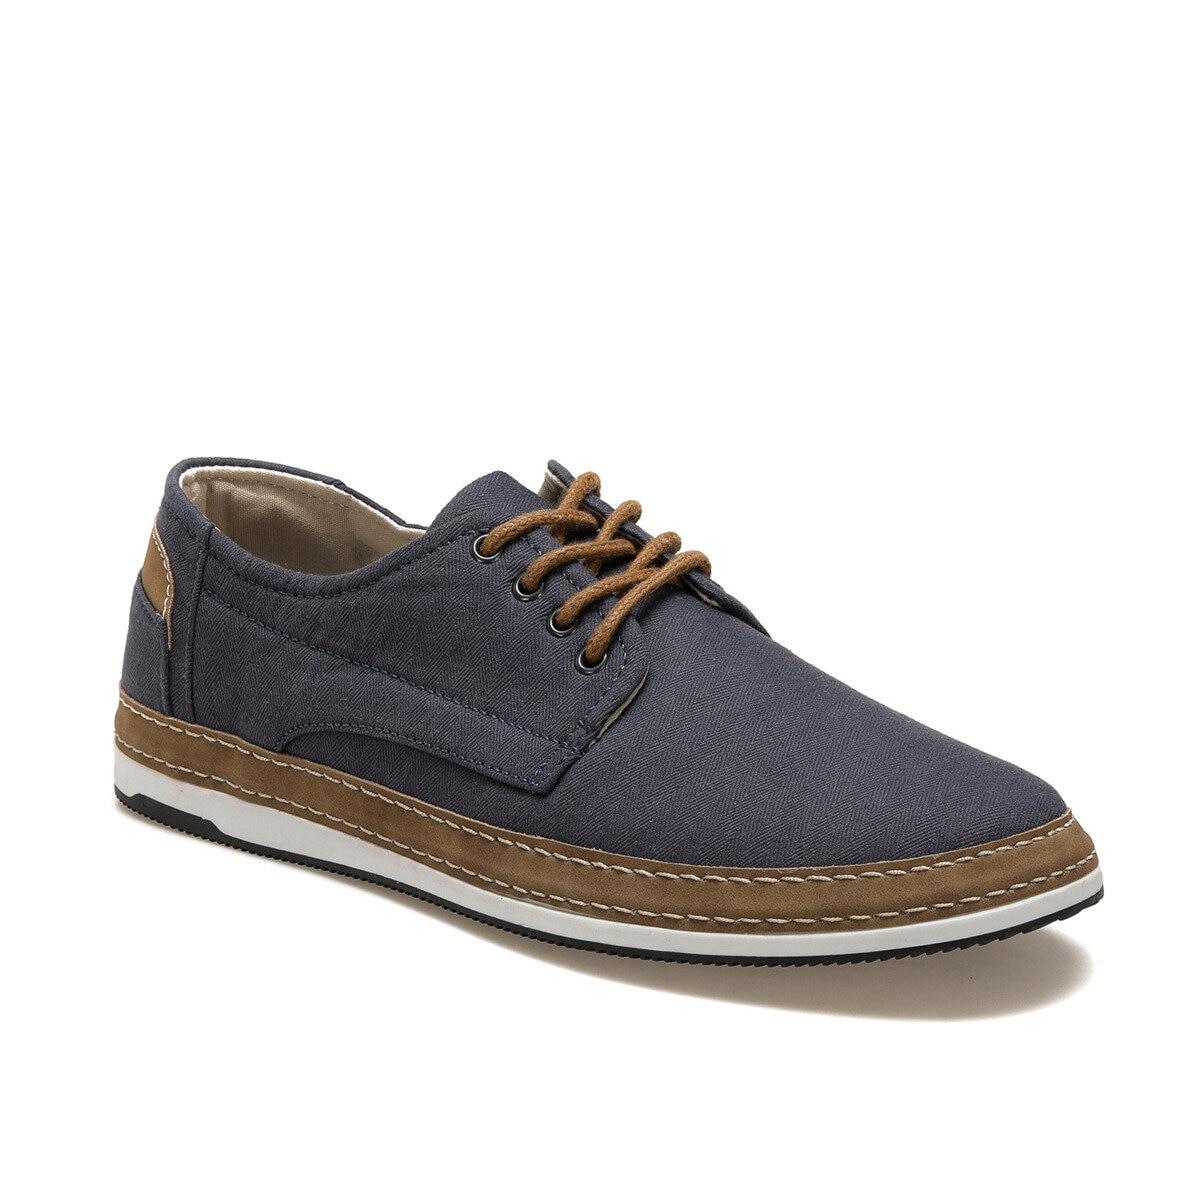 FLO G-120-1 Blue Men 'S Dress Shoes JJ-Styles